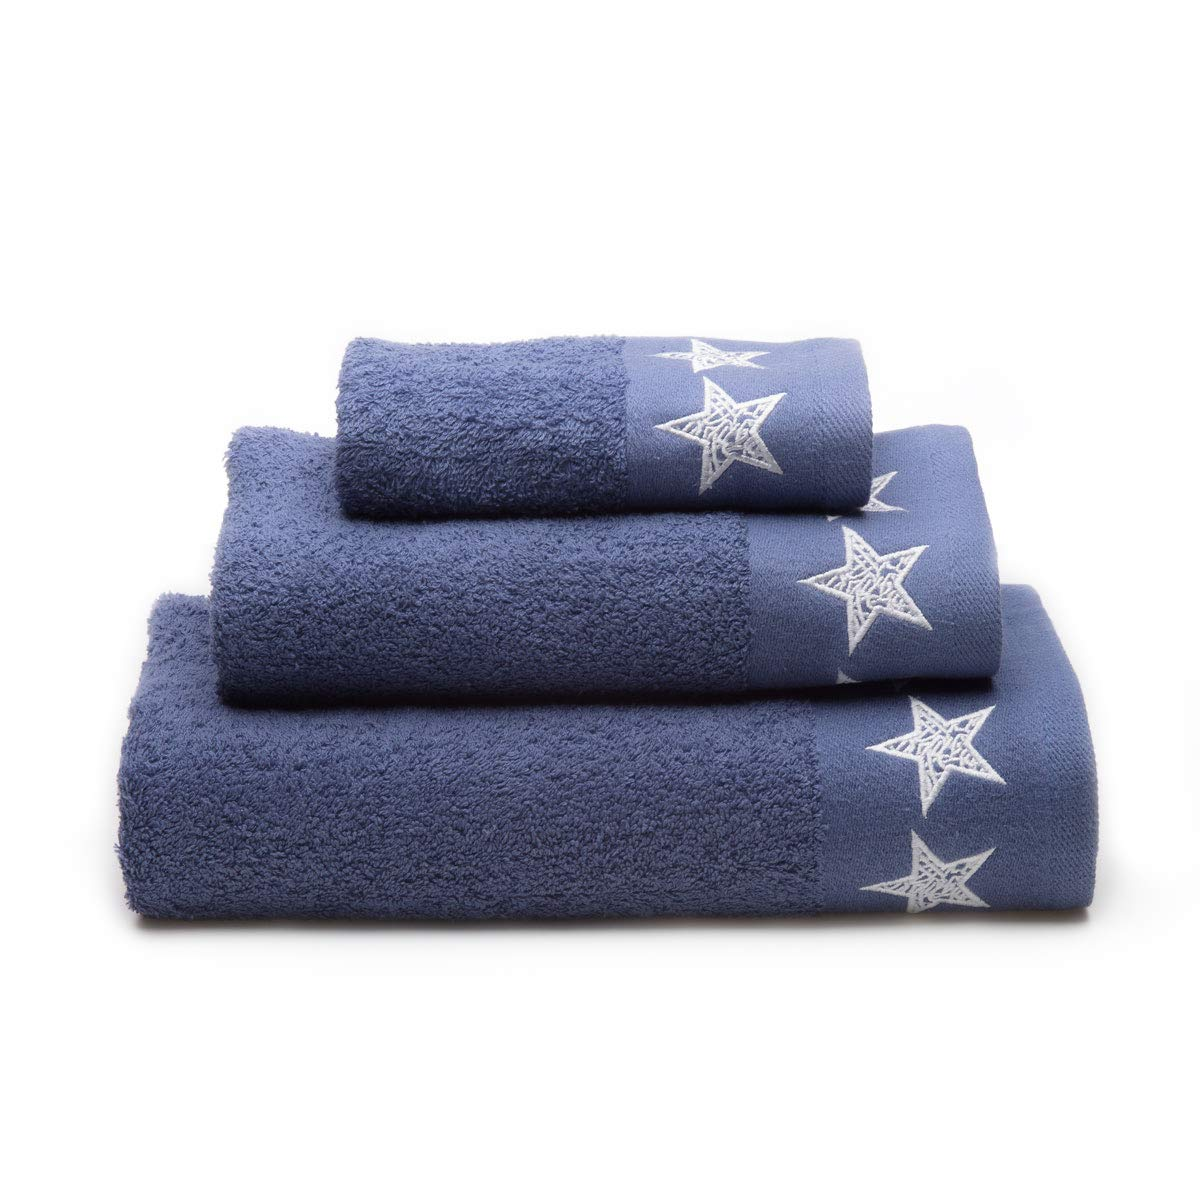 Sancarlos Stars Juego Toallas, 100% Algodó n, Azul Claro, 3/Piezas 100% Algodón 252302570202